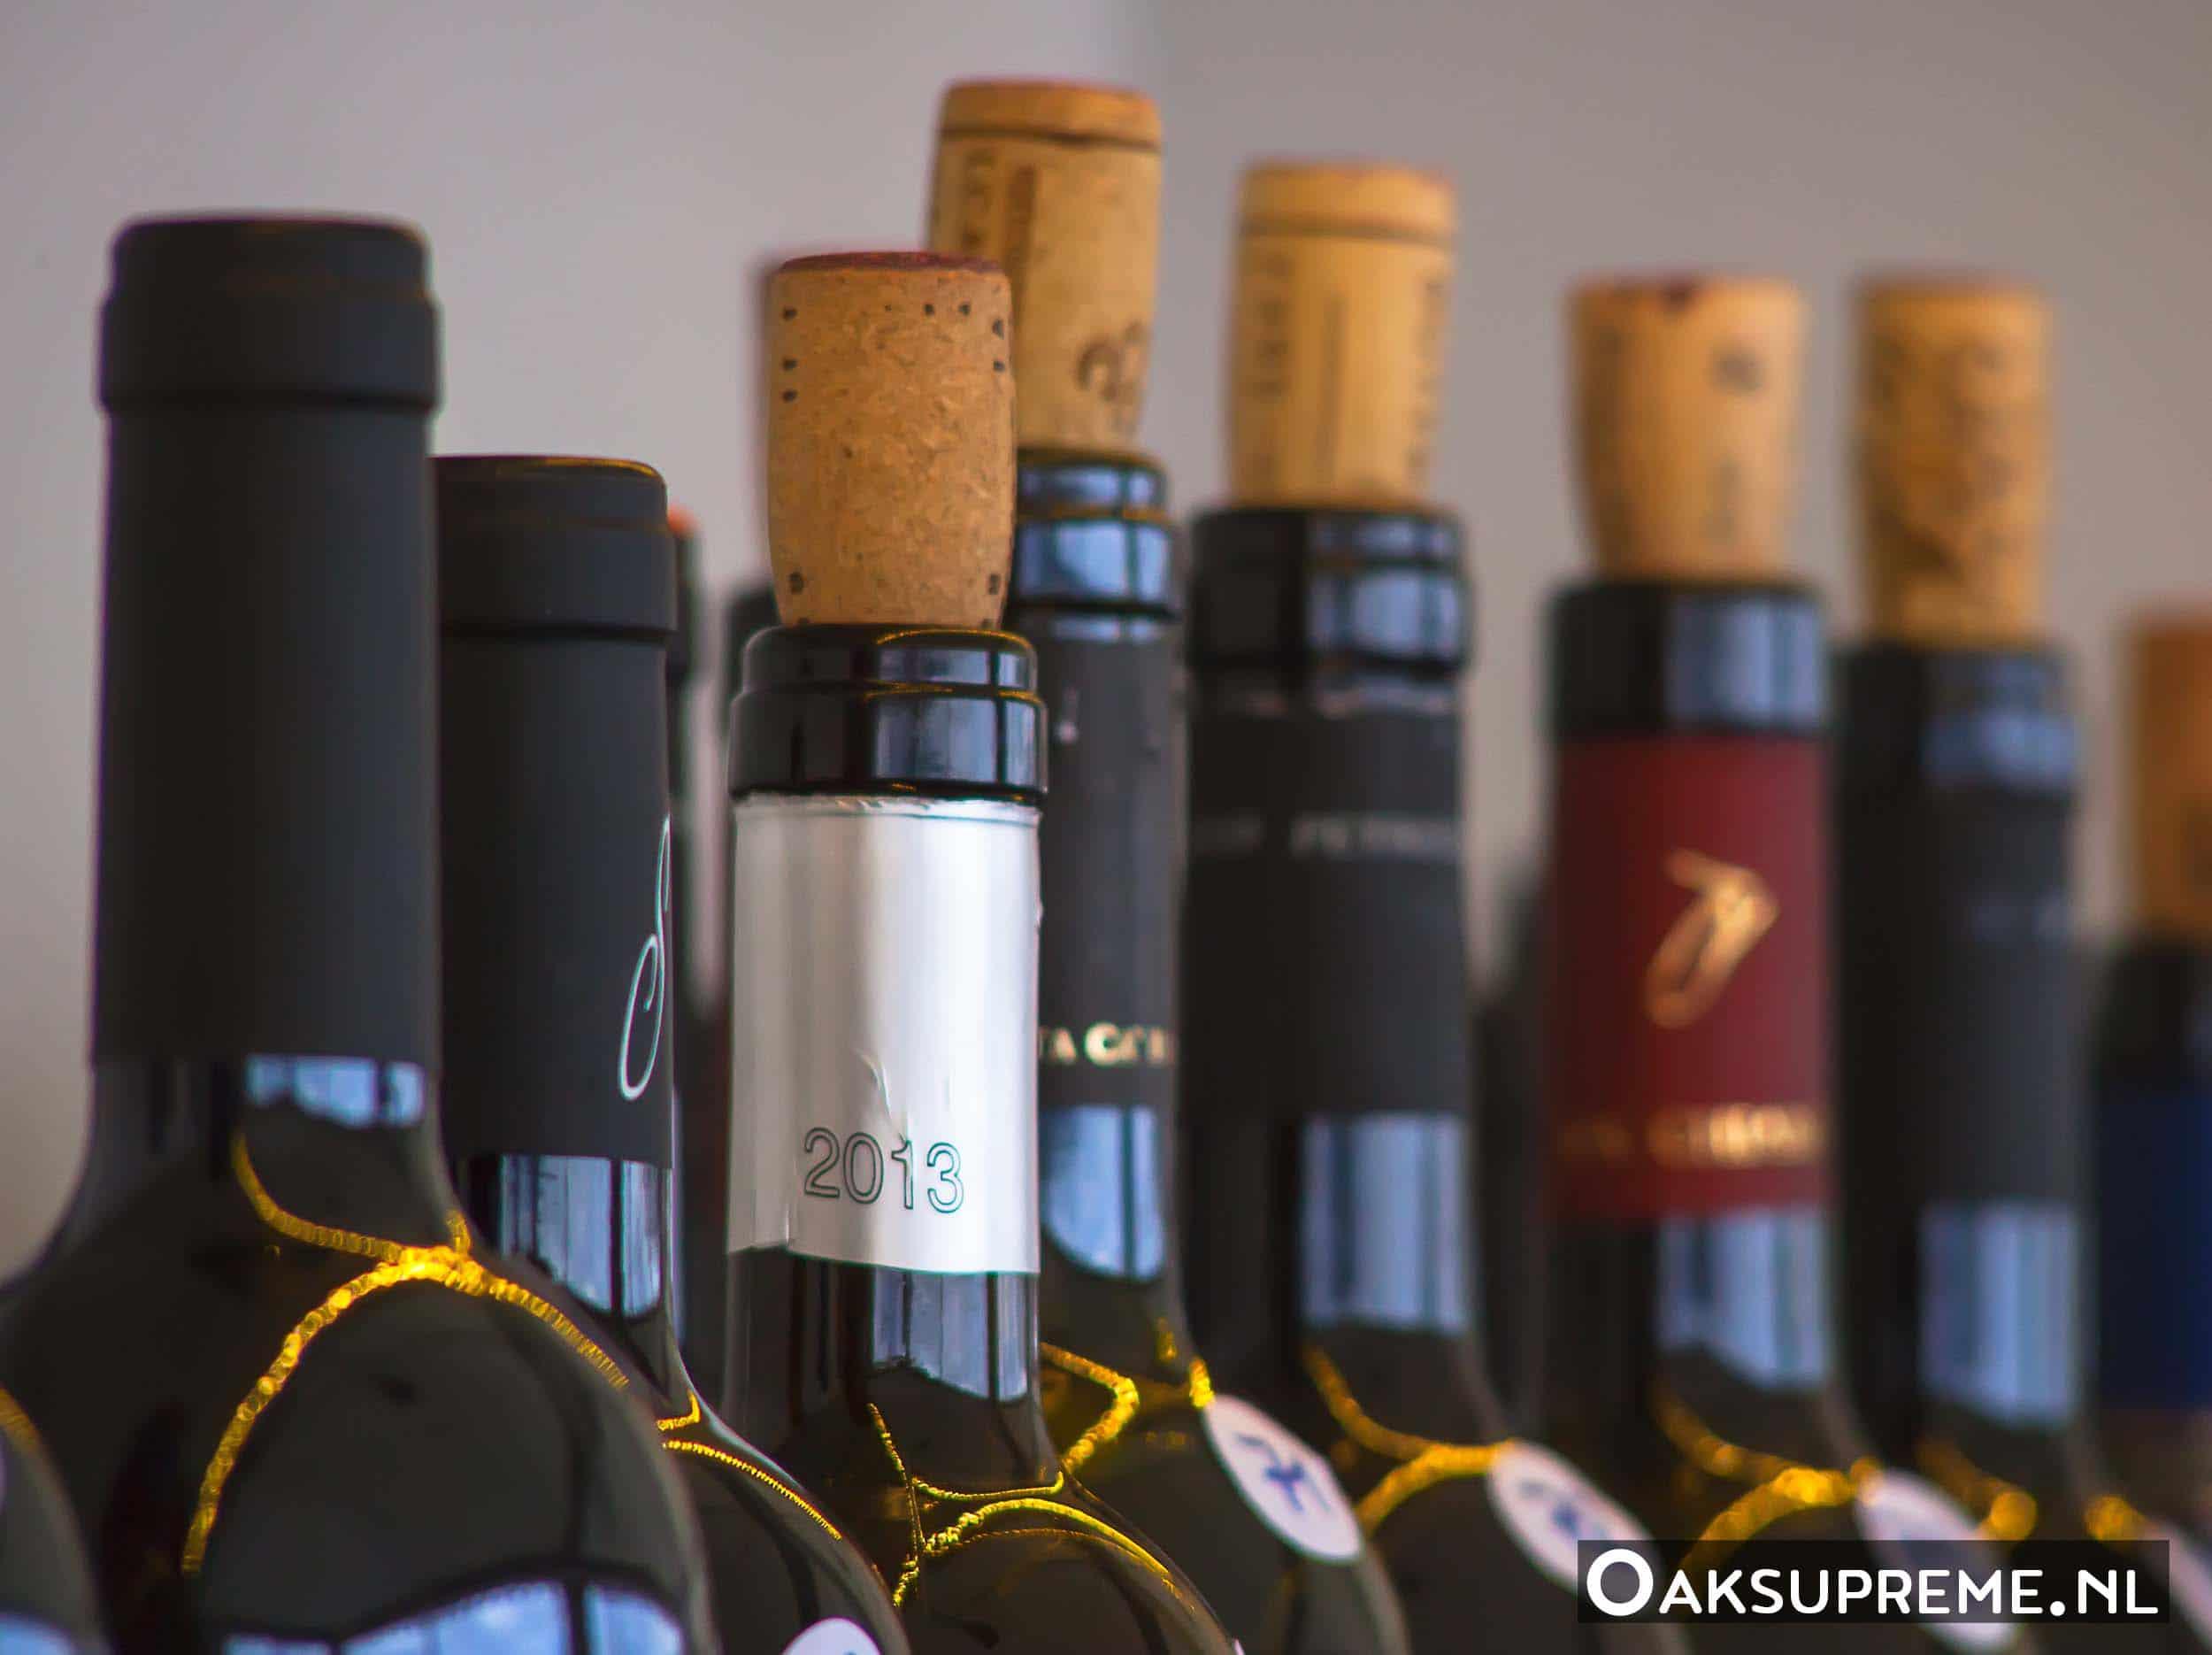 houdbaarheid van wijn na openen verlengen